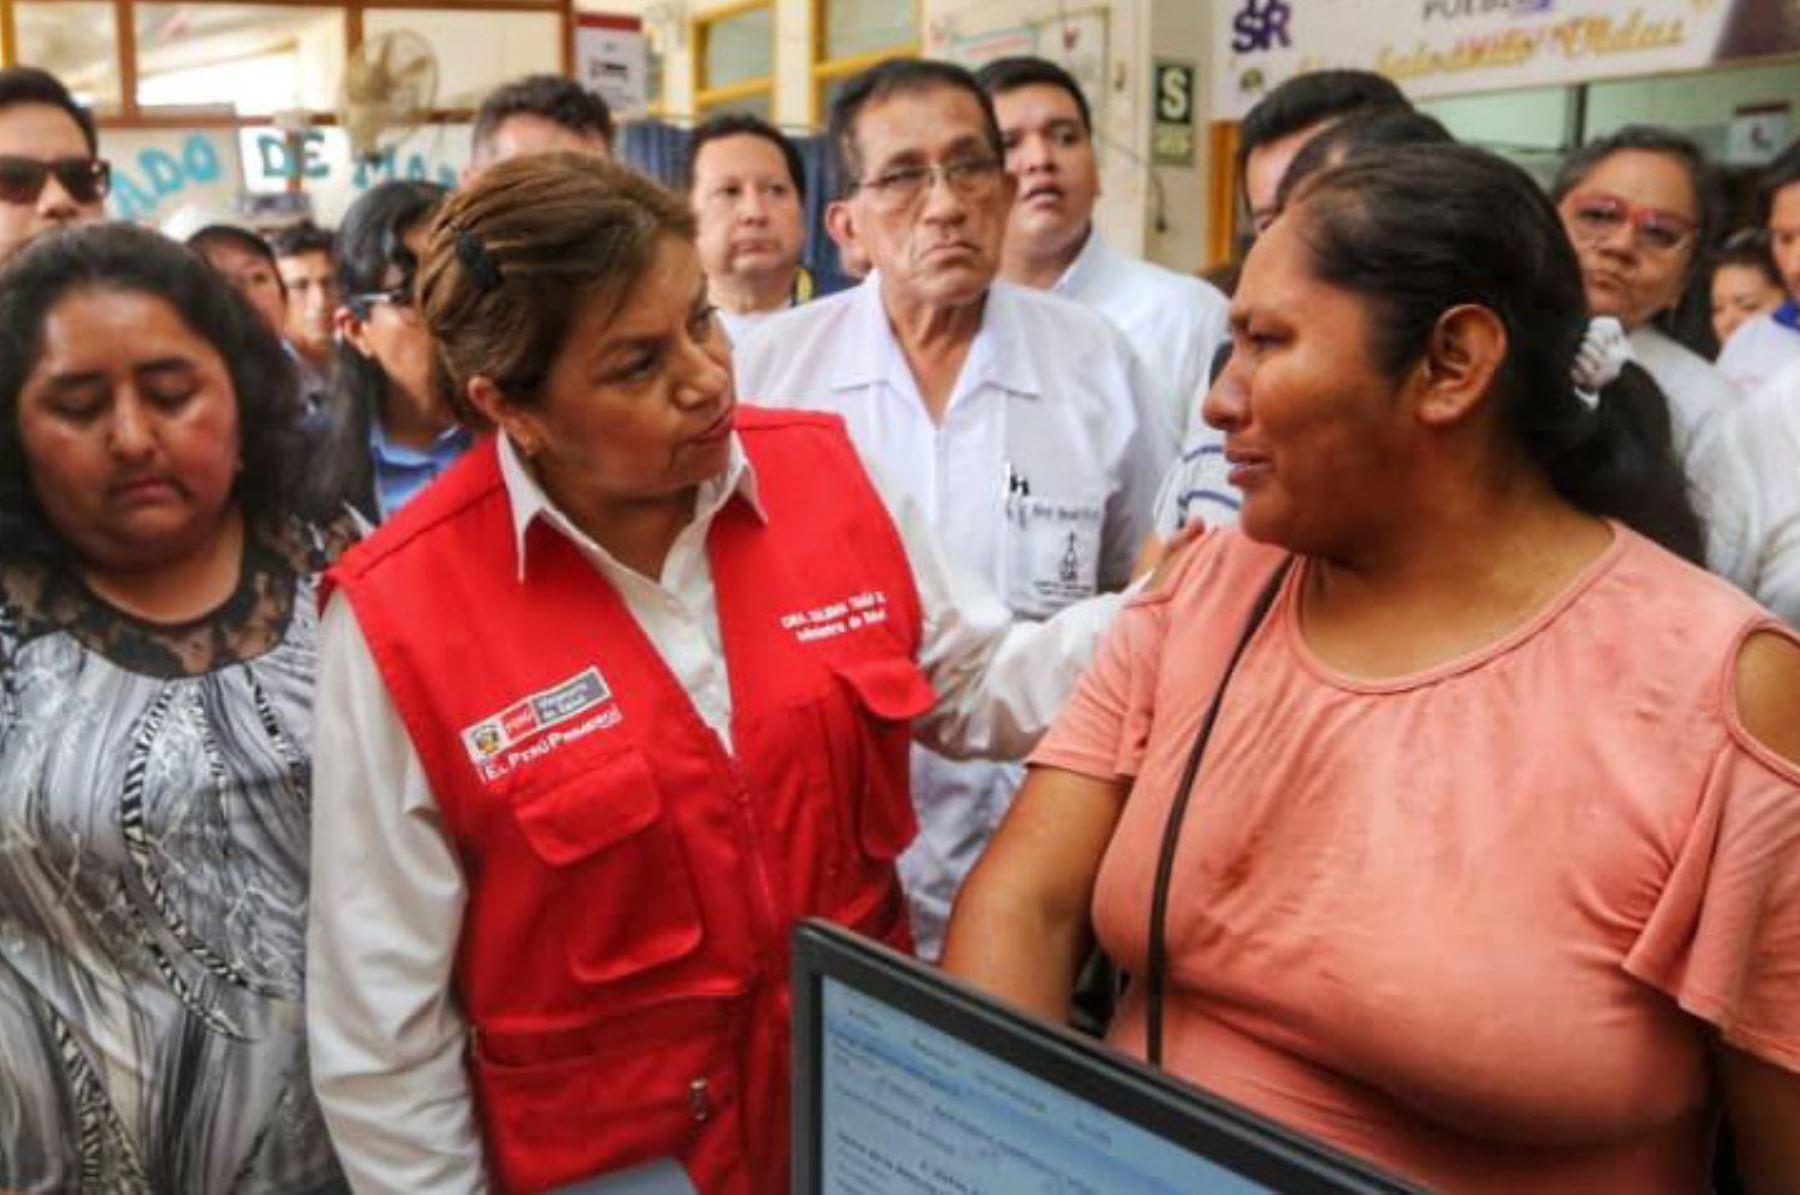 Minsa gestiona futura construcción del nuevo hospital Santa Rosa de Madre de Dios - Agencia Andina